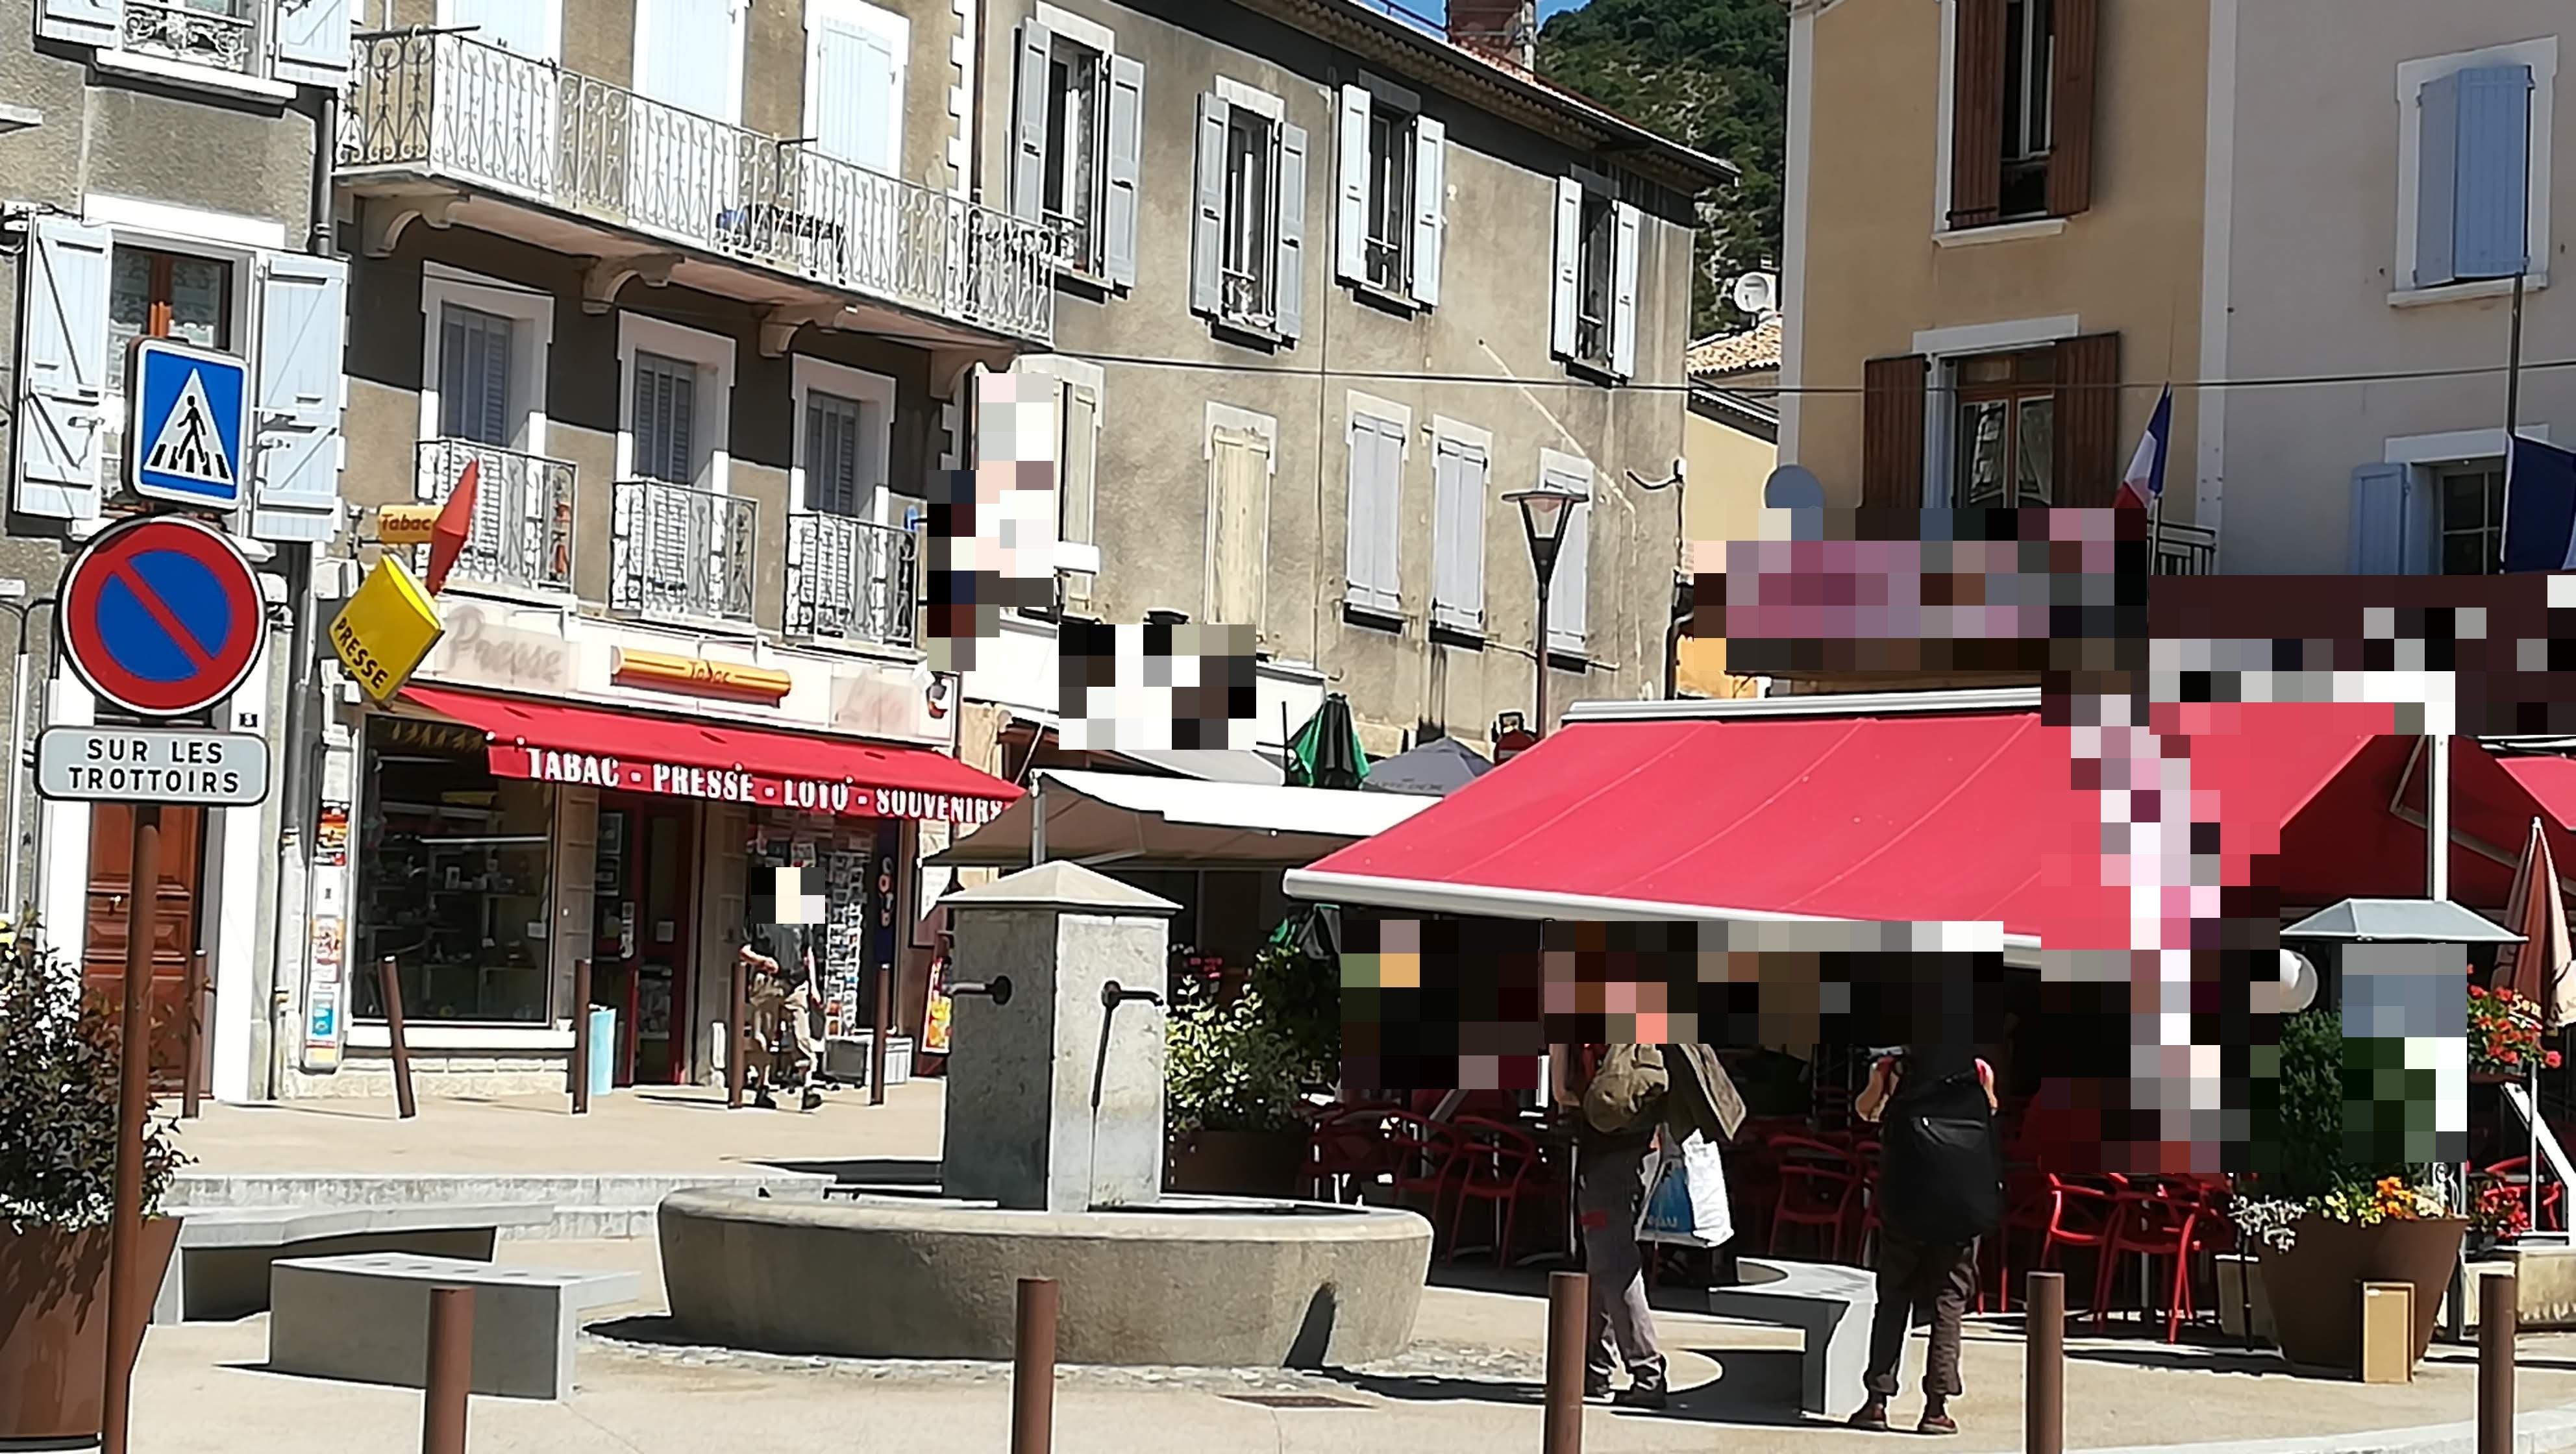 Vente Tabac, presse et loto, sans concurrence dans les Hautes Alpes dans un village touristique (05)